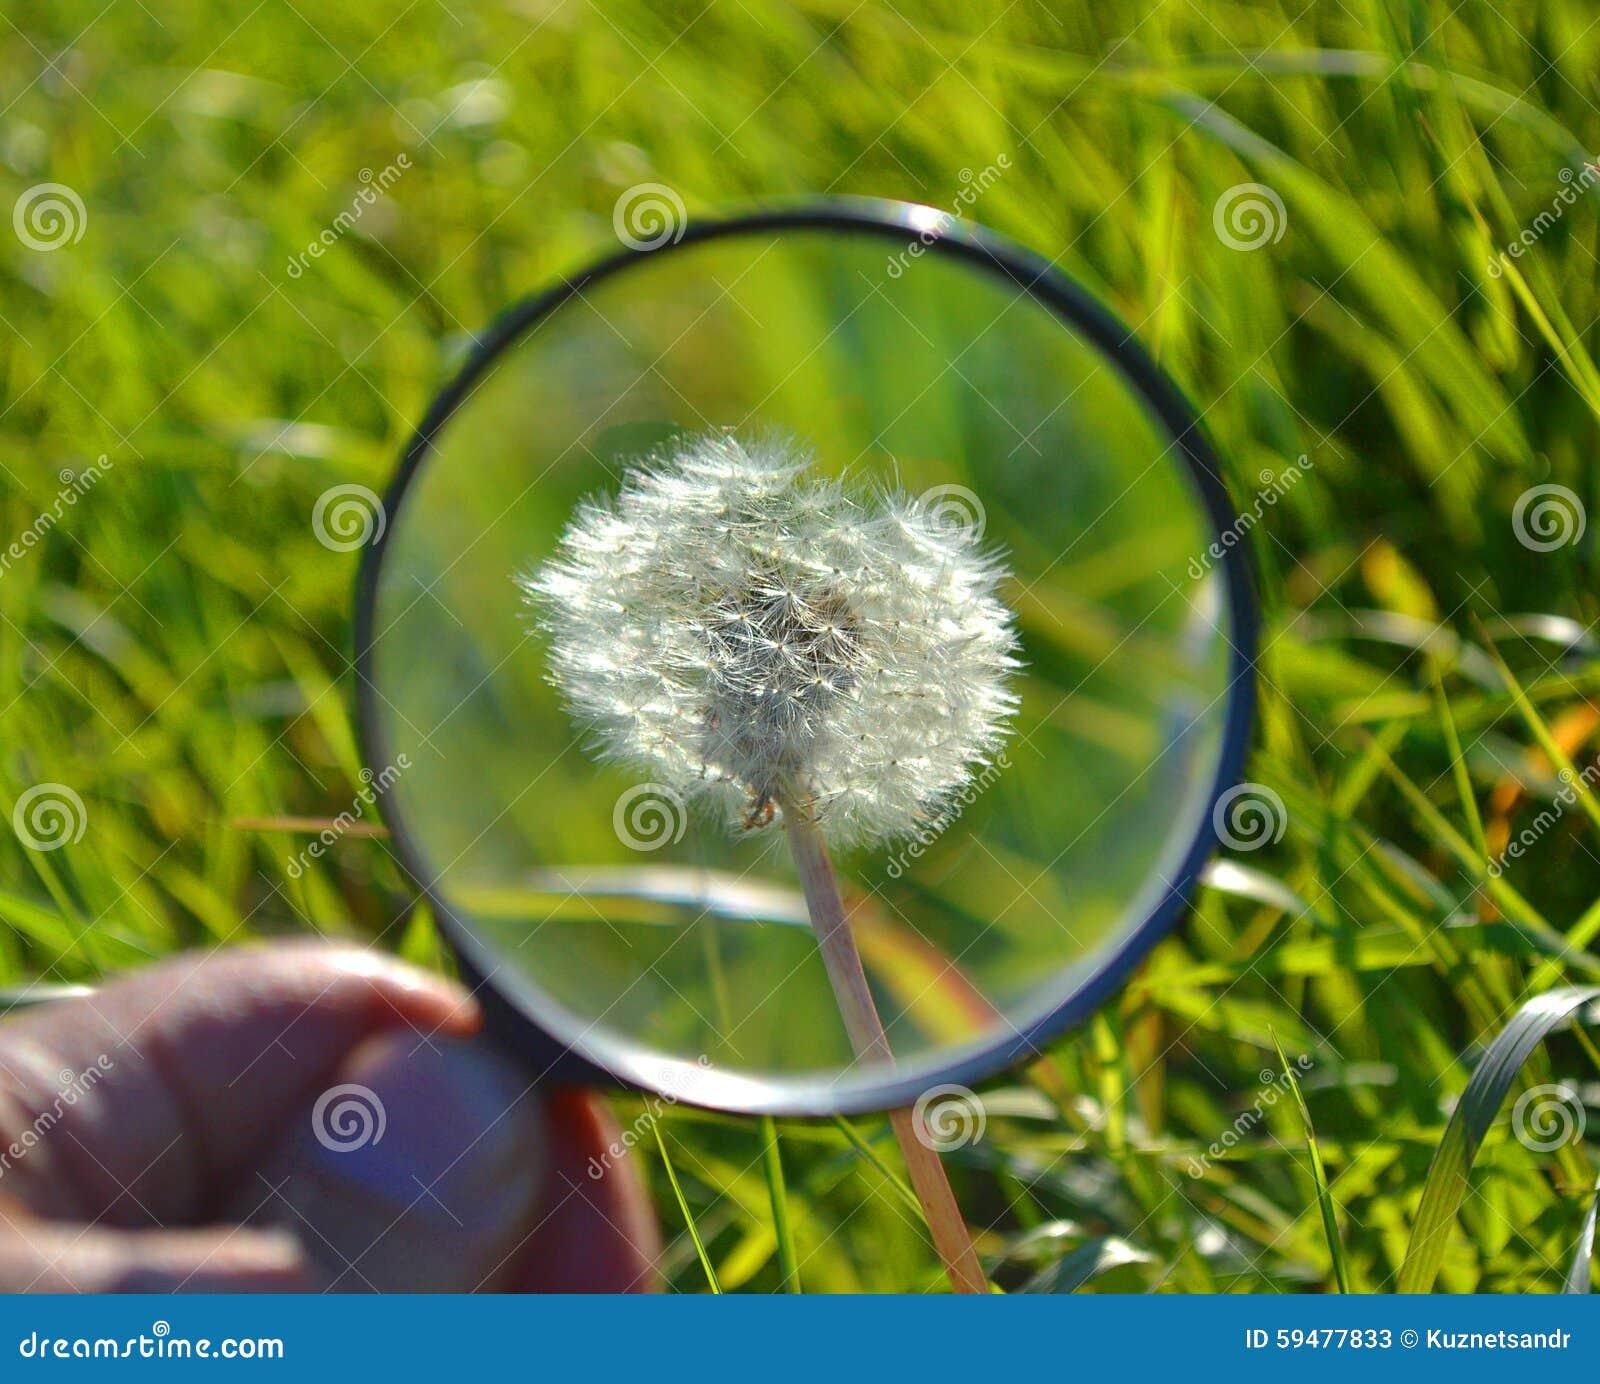 трава от паразитов в организме человека список